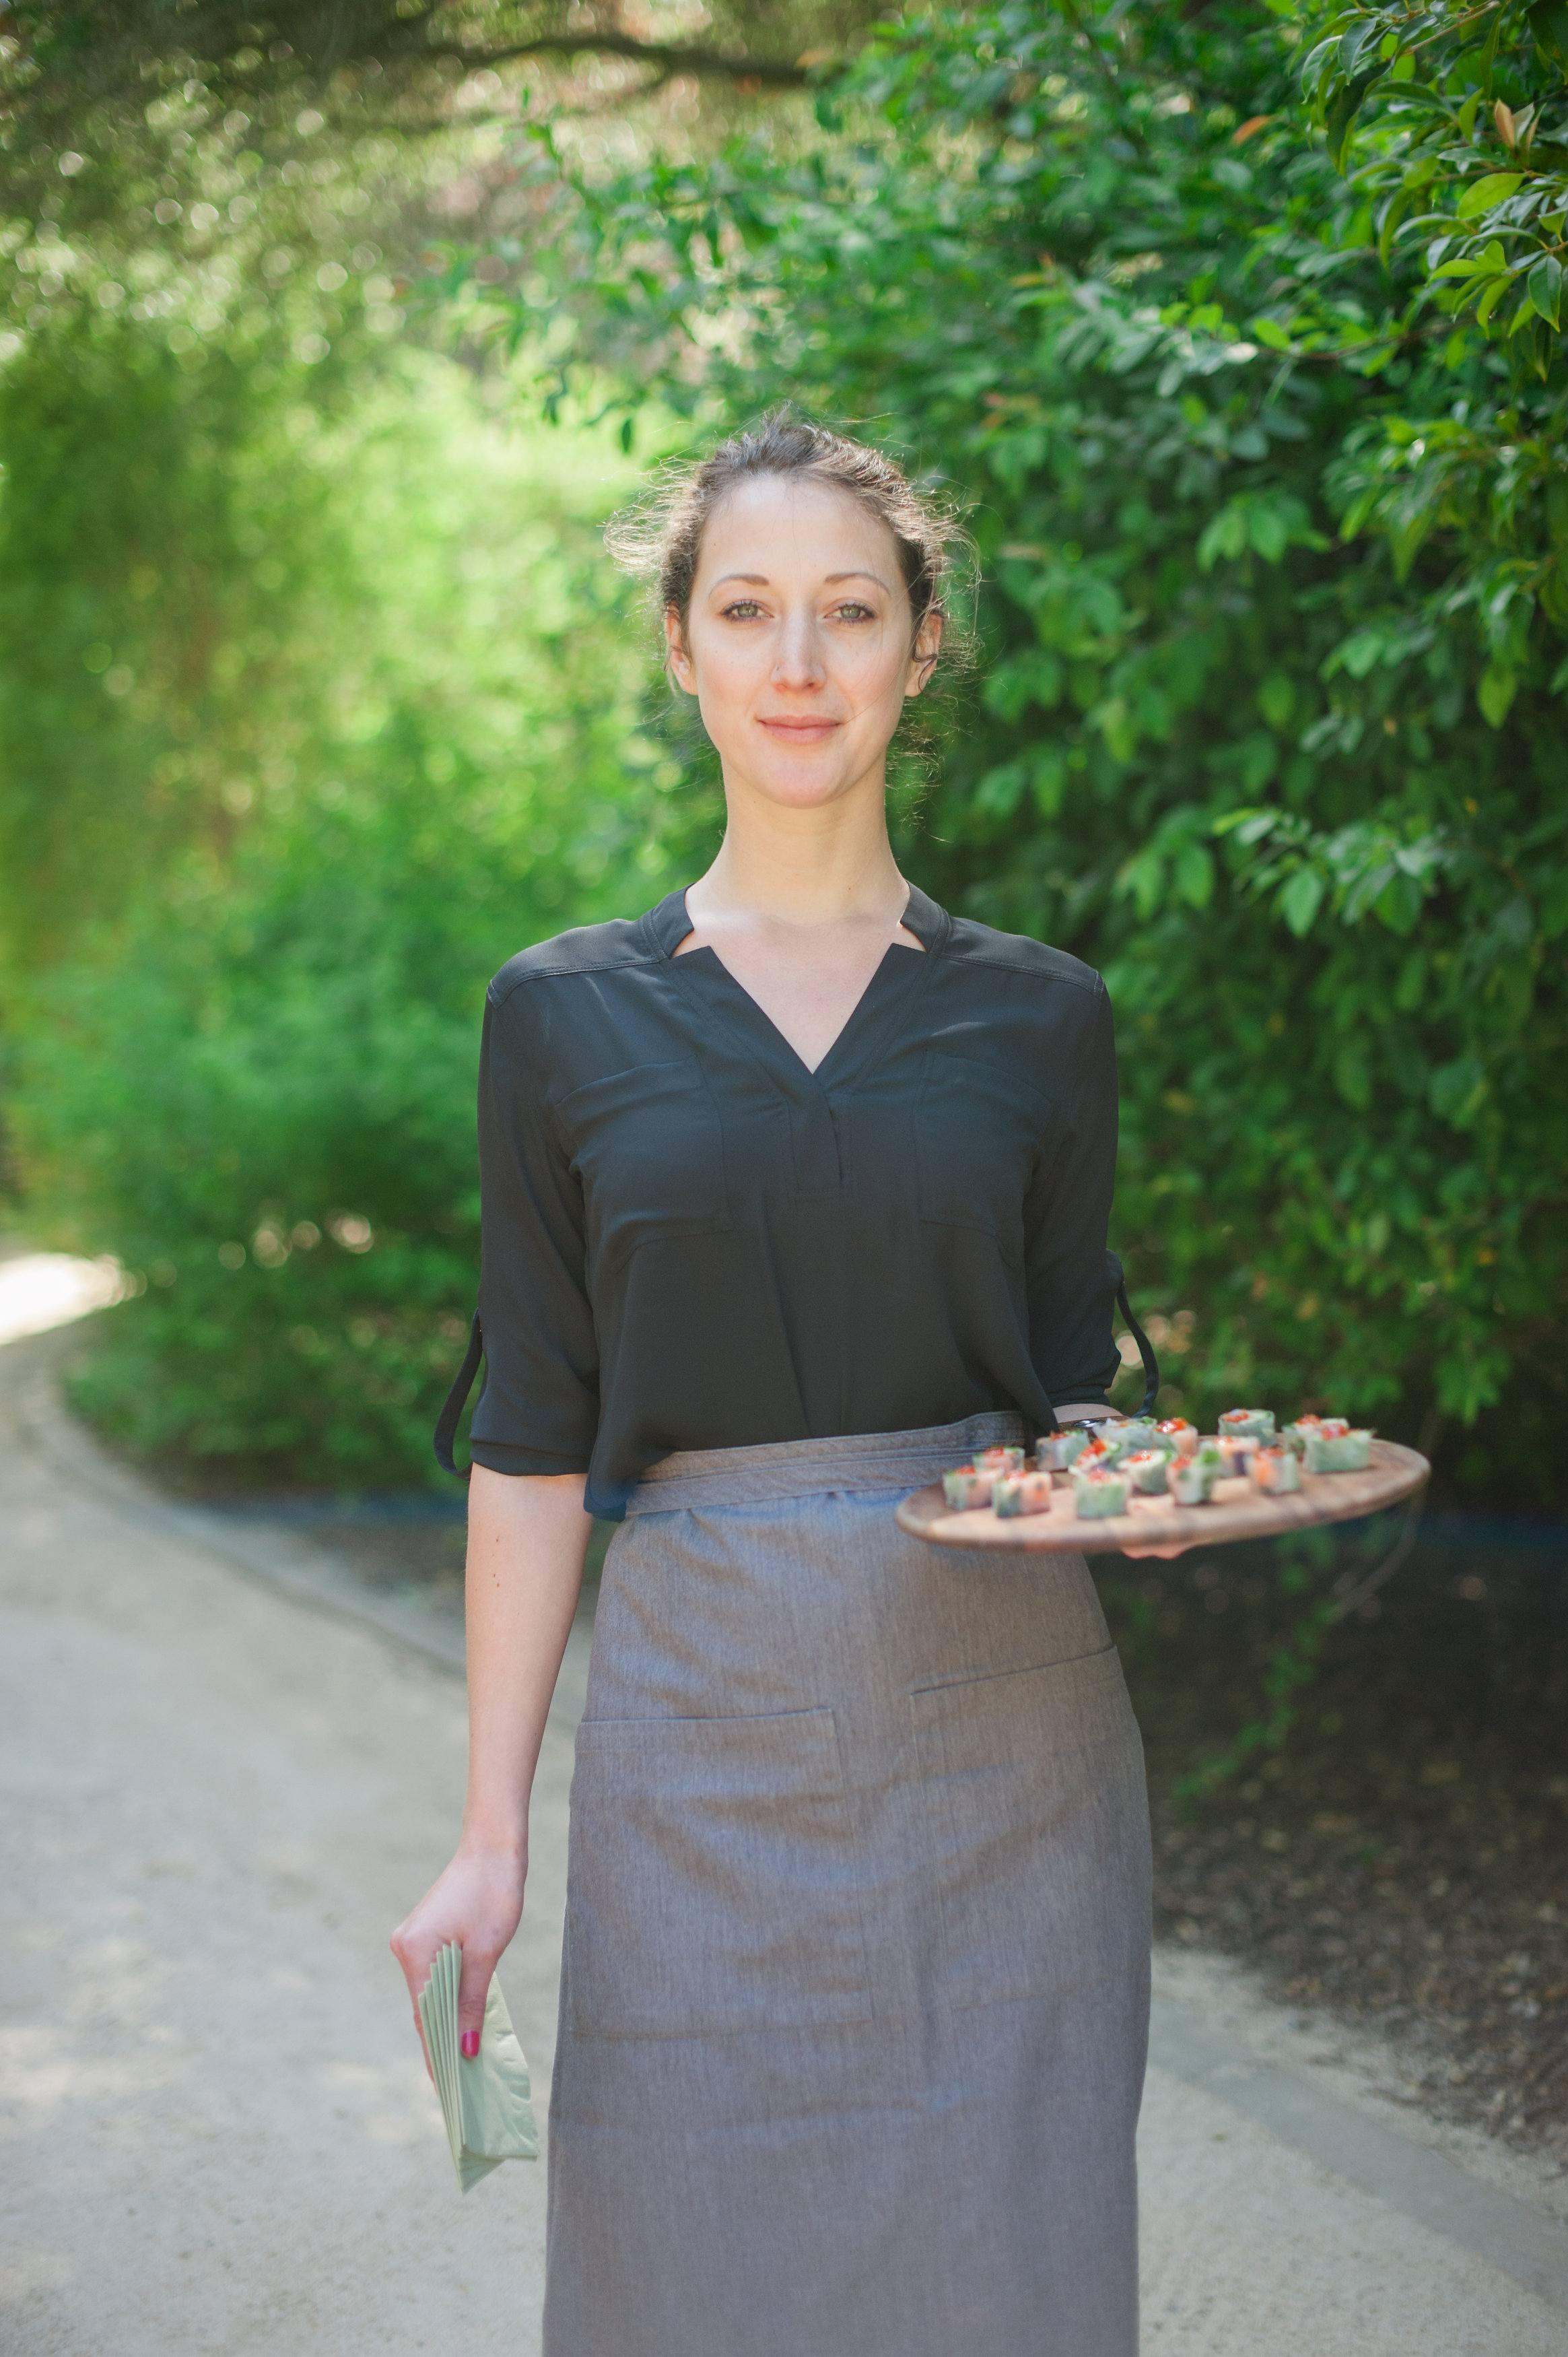 Marcie-Lynn-Photography-CulinaryEyeCatering-41.jpg